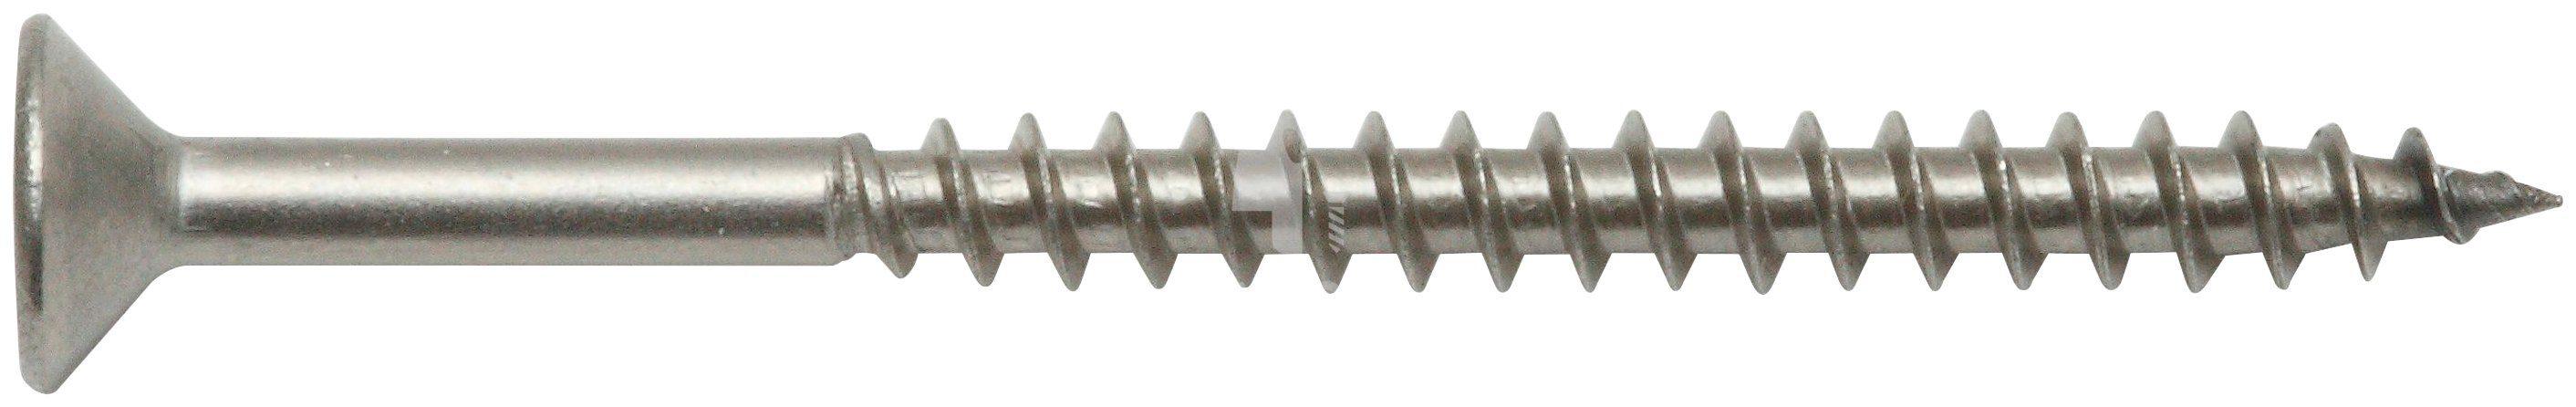 RAMSES Schrauben , Spanplattenschraube 4,5 x 45 mm PZ2 100 Stk.